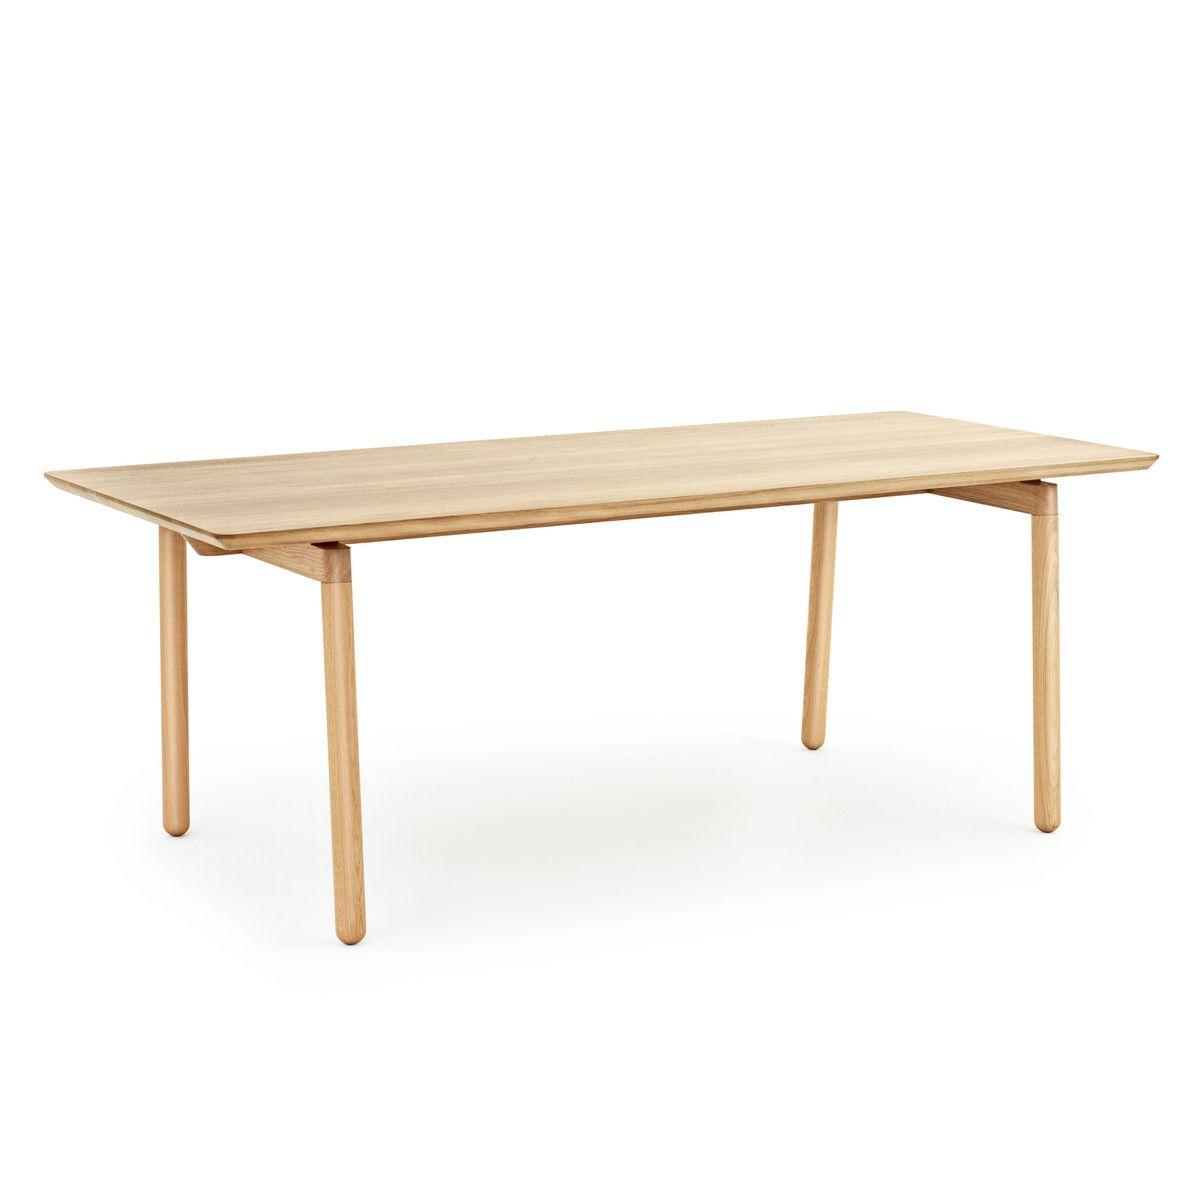 Normann Copenhagen Nord Esstisch Rechteckig Möbeldesign Esszimmertisch Holz Esstisch Design